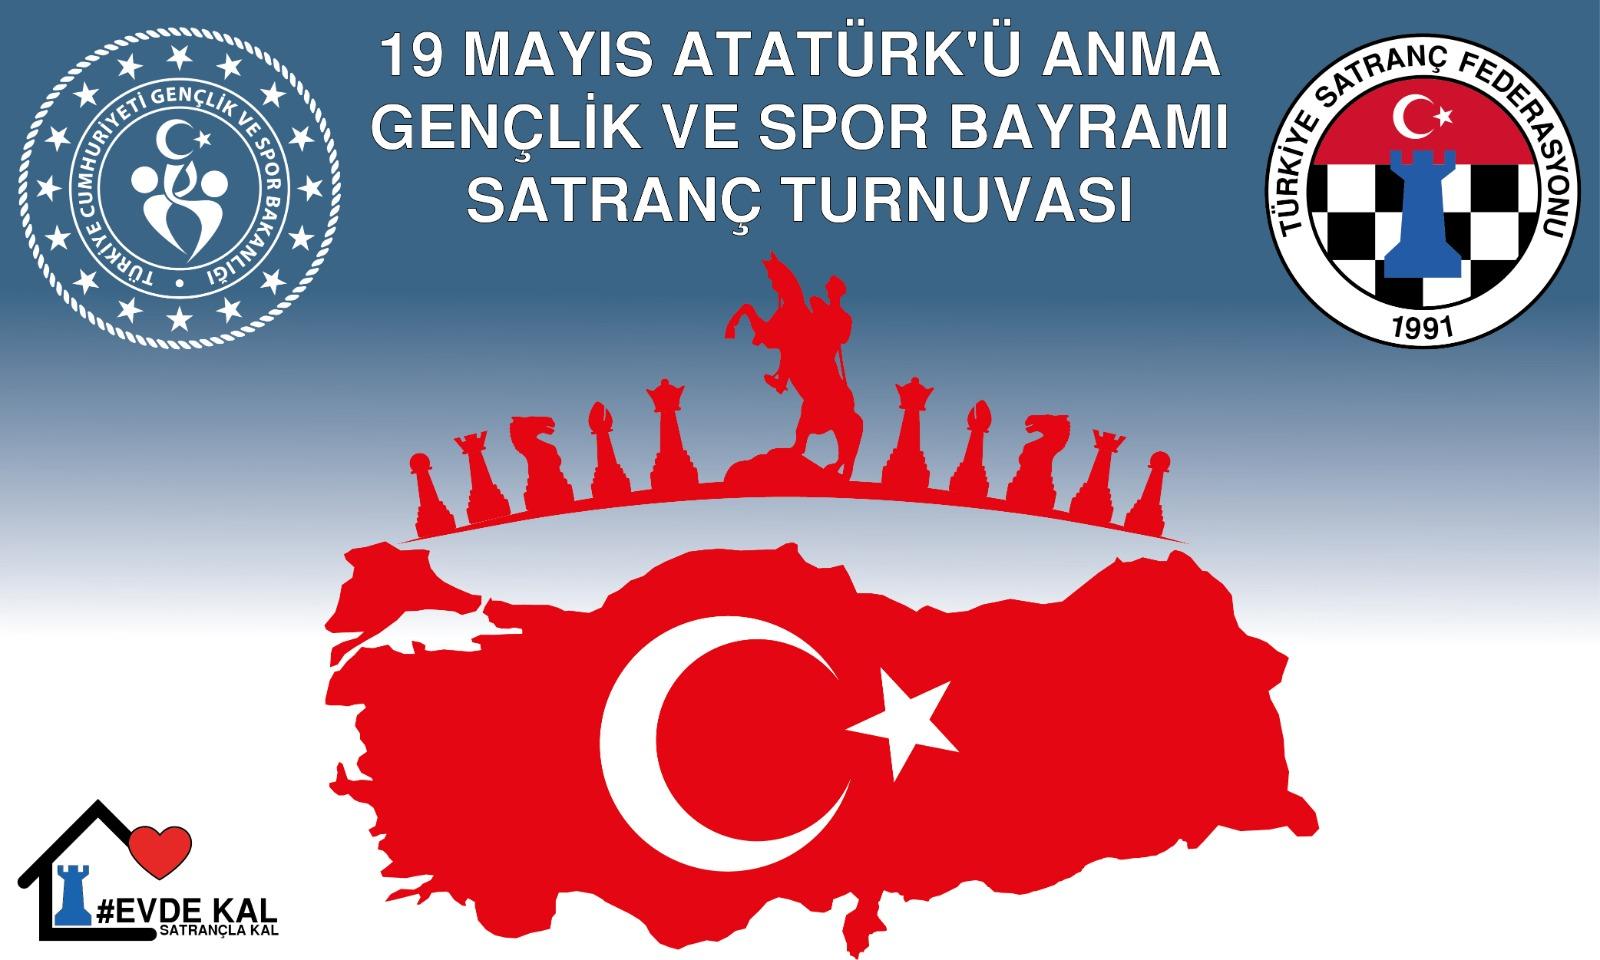 19 Mayıs Atatürk'ü Anma ve Gençlik Spor Bayramı Satranç Turnvası